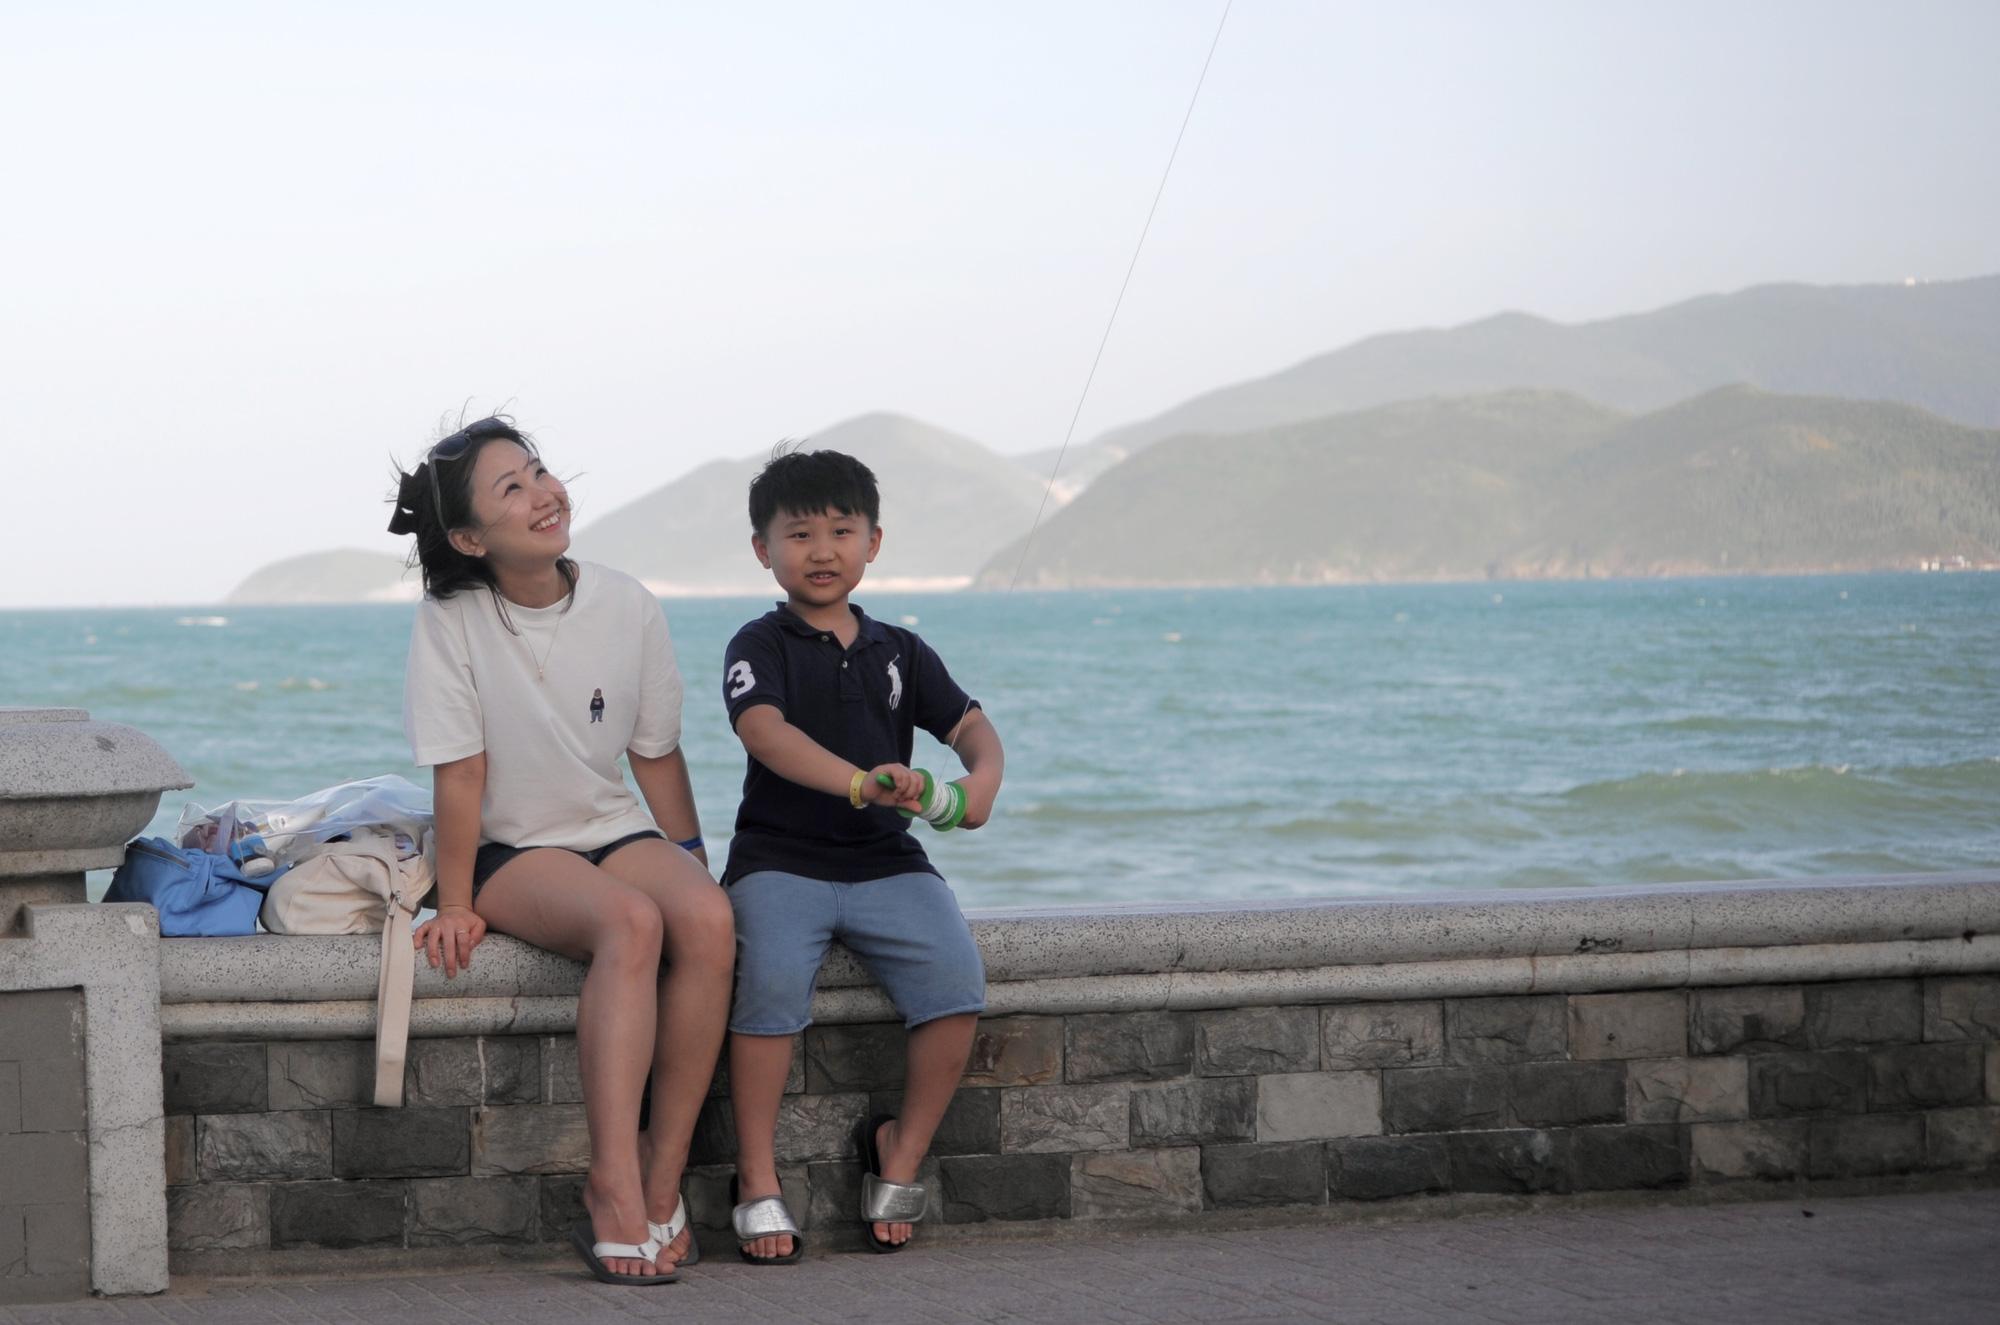 Sau khách Trung Quốc lượng khách Hàn Quốc đến Khánh Hòa có xu hưởng giảm vì dịch SARS-CoV-2 - Ảnh 5.